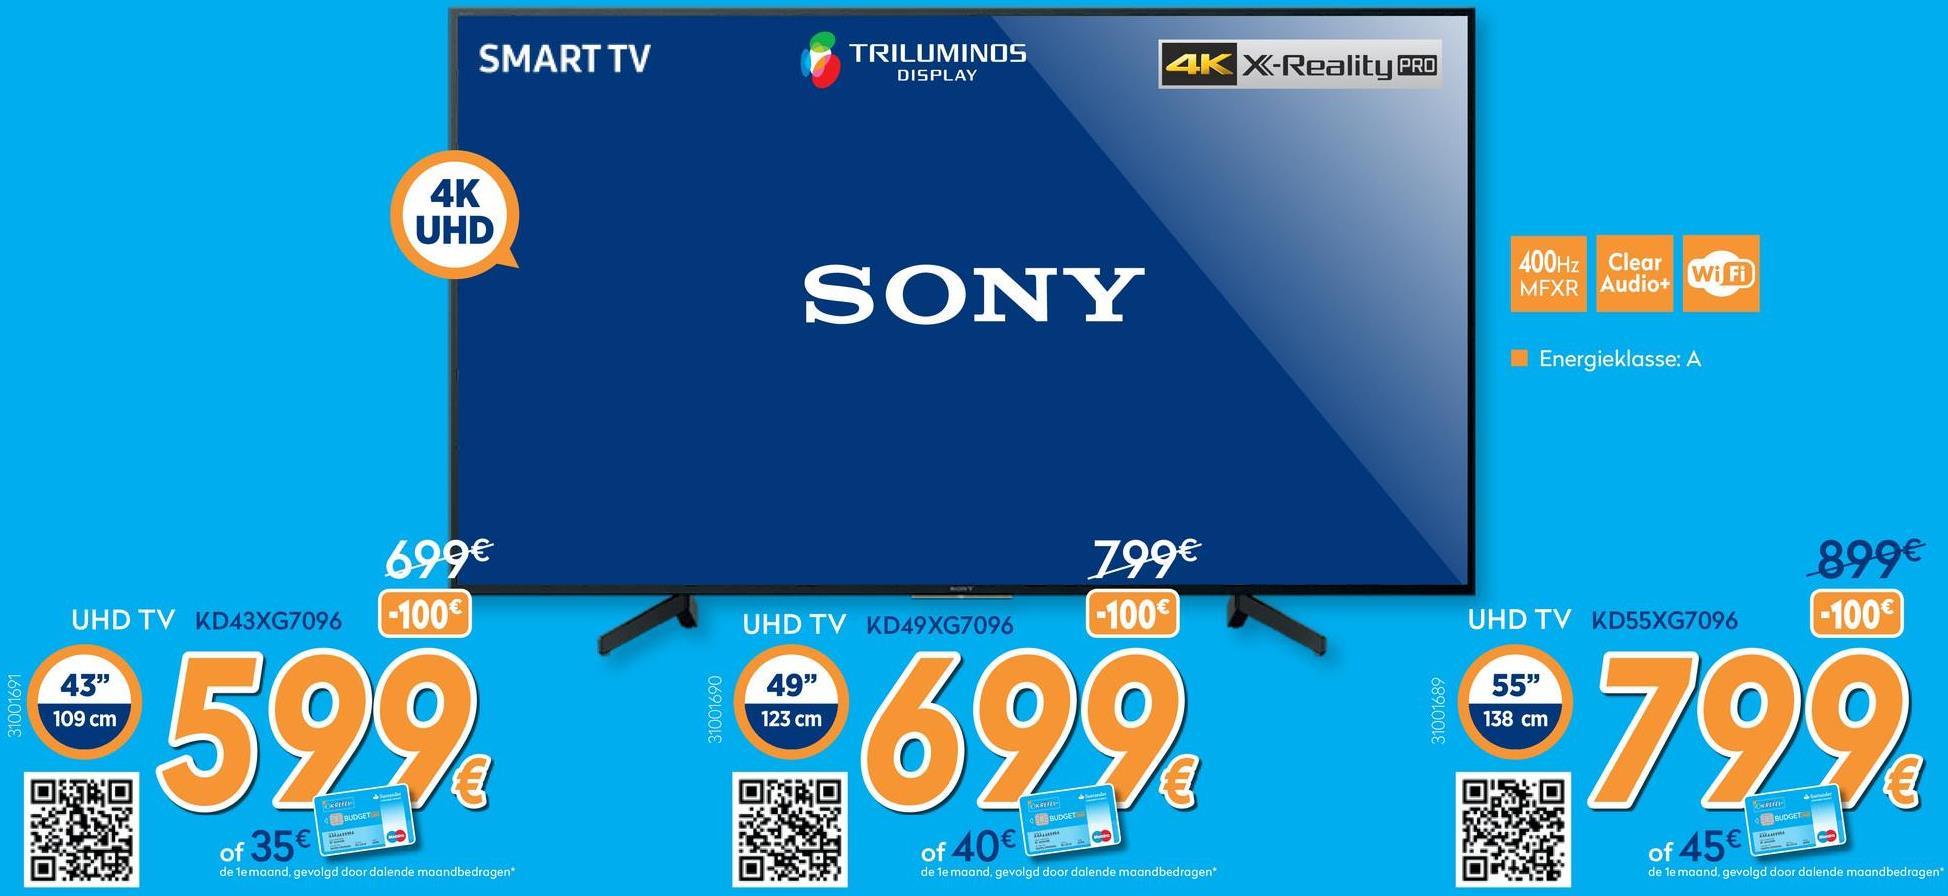 TV KD-43XG7096 - 43 inch  <strong>Beleef alle details dankzij 4K X-Reality™ PRO</strong><br> Met 4K X-Reality™ PRO wordt elk beeld verbeterd om ware 4K-kwaliteit te benaderen, voor buitengewone helderheid. Beelden worden in realtime scherper en gedetailleerder gemaakt voor nog meer detail in elk onderdeel en de opbouw van het beeld.        <strong>TRILUMINOS™-display: Extra kleuren, extra helderheid</strong><br> Zie overal om u heen levendige en levensechte kleuren. Een TRILUMINOS™-display gebruikt een breder palet en geeft elke schakering en tint in de paraplu's natuurgetrouw weer.    <strong>Meteen online met de speciale YouTube™-knop</strong><br> Ga rechtstreeks naar YouTube en geniet van uw favoriete video's. Bladeren en clips kijken op deze Sony led-tv gaat sneller een eenvoudiger dan ooit dankzij de YouTube-knop op de afstandsbediening.    <strong>Kabels zijn netjes weggewerkt</strong><br> De kabels zitten verborgen in de standaard en worden op hun plaats gehouden door een meegeleverde kabelbinder.    <strong>Een slimmere manier om uw smartphone te gebruiken</strong><br> Zet uw favoriete content op uw smartphone of USB-stick en ervaar die met prachtige details op uw grote tv-scherm. Met Smart Plug &amp; Play kunt u eenvoudig video's, foto's en muziek delen vanaf meerdere apparaten.    <strong>Gemaakt om te luisteren: ClearAudio+</strong><br> Geniet van levensecht beeld en geluid. ClearAudio+ stemt het tv-geluid af voor een ongekend overweldigende geluidservaring die u lijkt te omringen. Luister naar muziek en dialogen met meer helderheid en details, wat u ook kijkt.    <strong>Motionflow™ XR houdt de actie soepel gaande</strong><br> Geniet van vloeiende en scherpe details, zelfs bij snel bewegende beelden met Motionflow™ XR. Deze innovatieve technologie maakt extra frames en voegt deze toe tussen de originele beelden. Belangrijke visuele factoren in opeenvolgende frames worden met elkaar vergeleken, waarna het onderdeel van een seconde dat ontbreekt in de acti